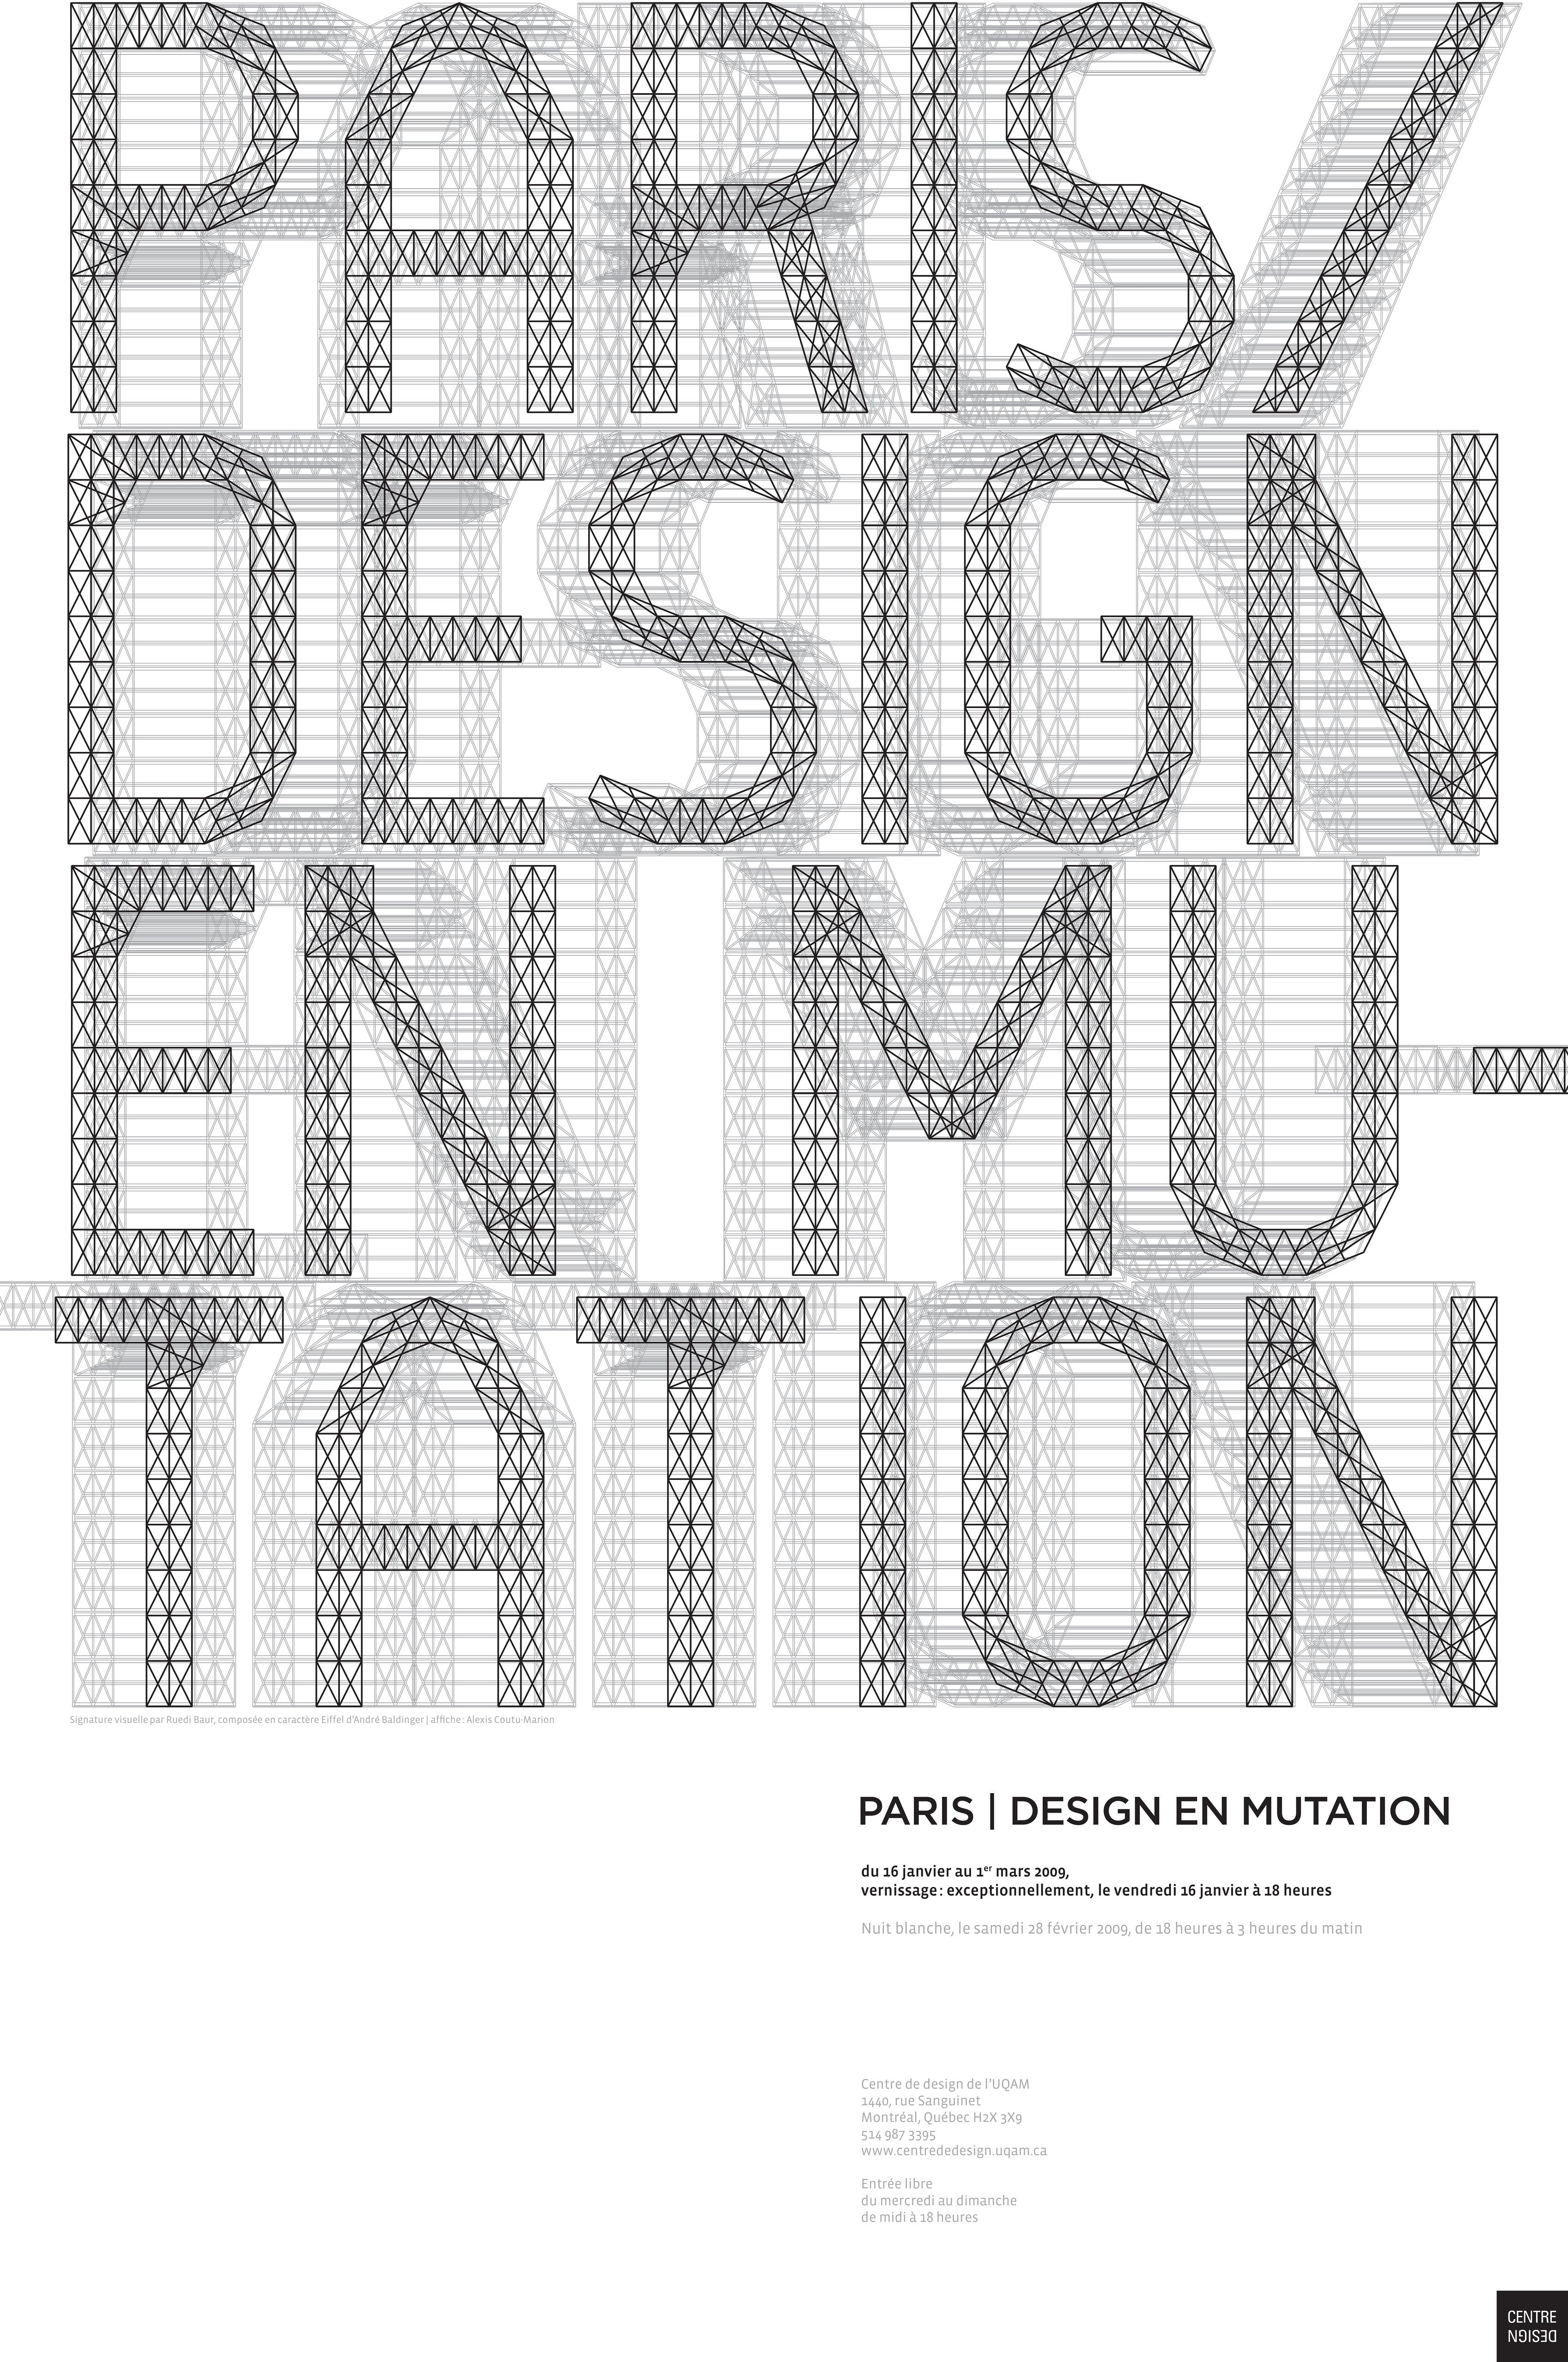 2009 - Exposition - Paris design en Mutation © Atelier Louis-Charles Lasnier